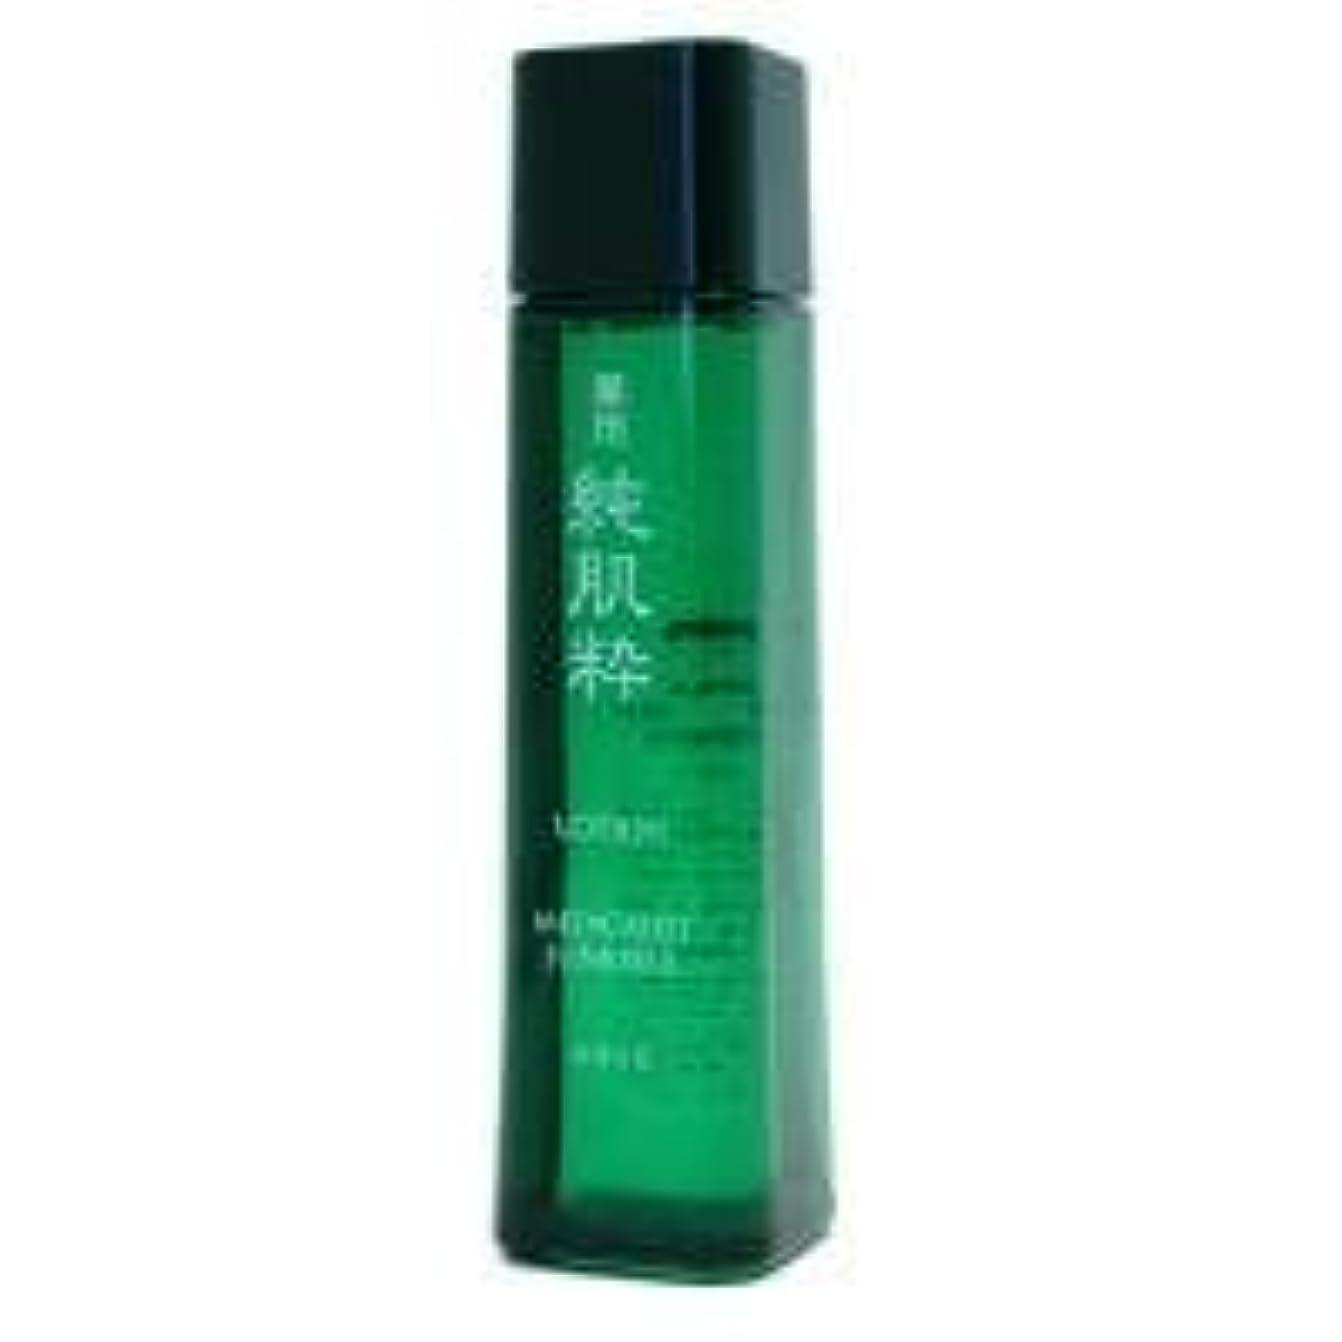 確率読みやすさ囲いコーセー 薬用 純肌粋 化粧水 150ml